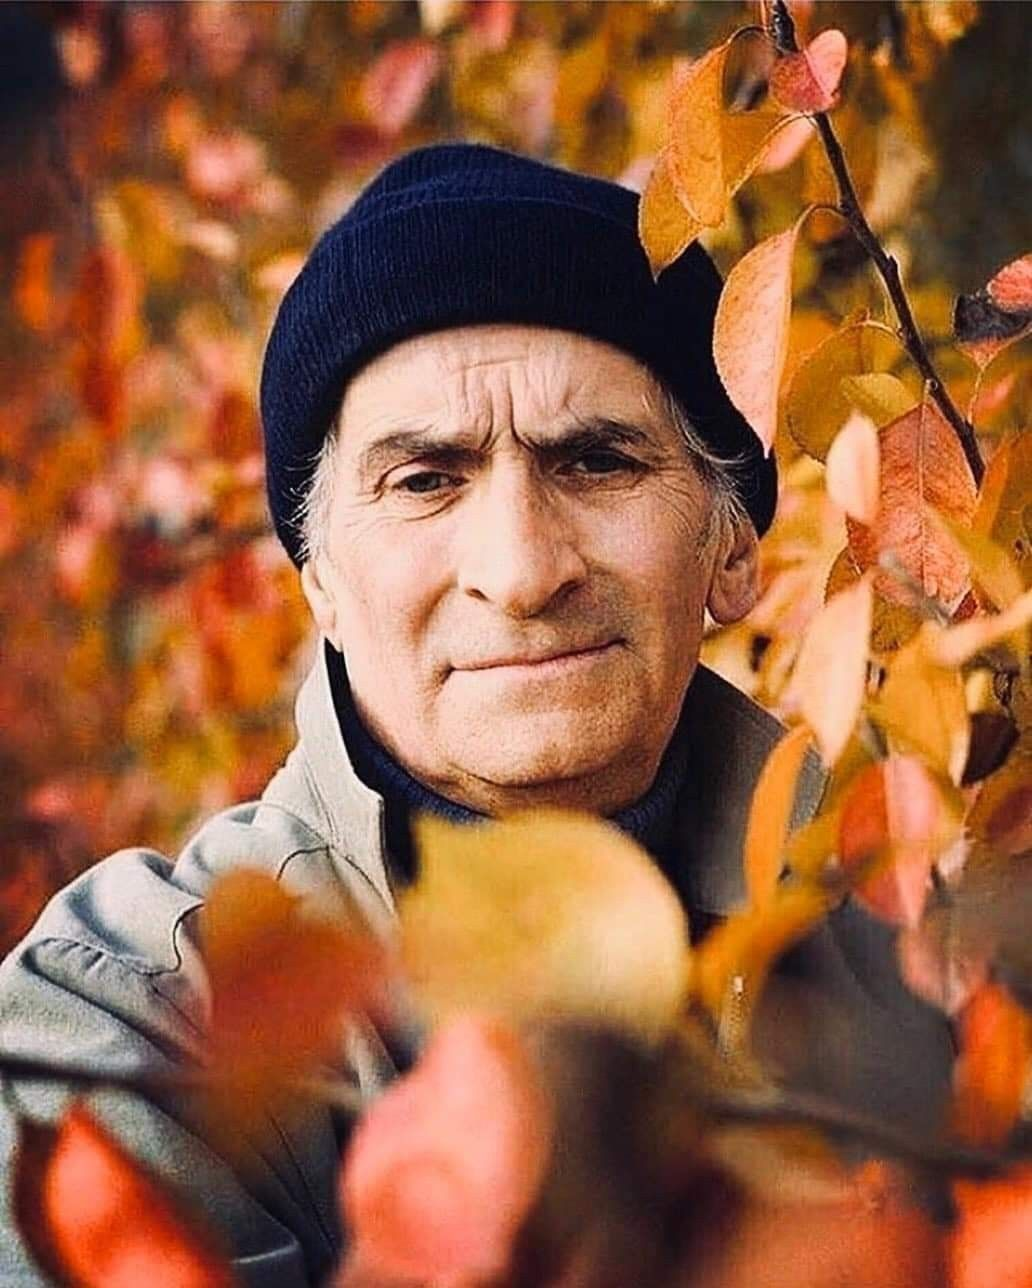 Poslednyaya Osen Francuzskogo Aktyora Lui De Fyunesa Nant Noyabr 1982 Goda Snimok Ochen Krasivyj Trogatelnyj Aktyor S Uvyada Photo Couple Photos Photo Wall